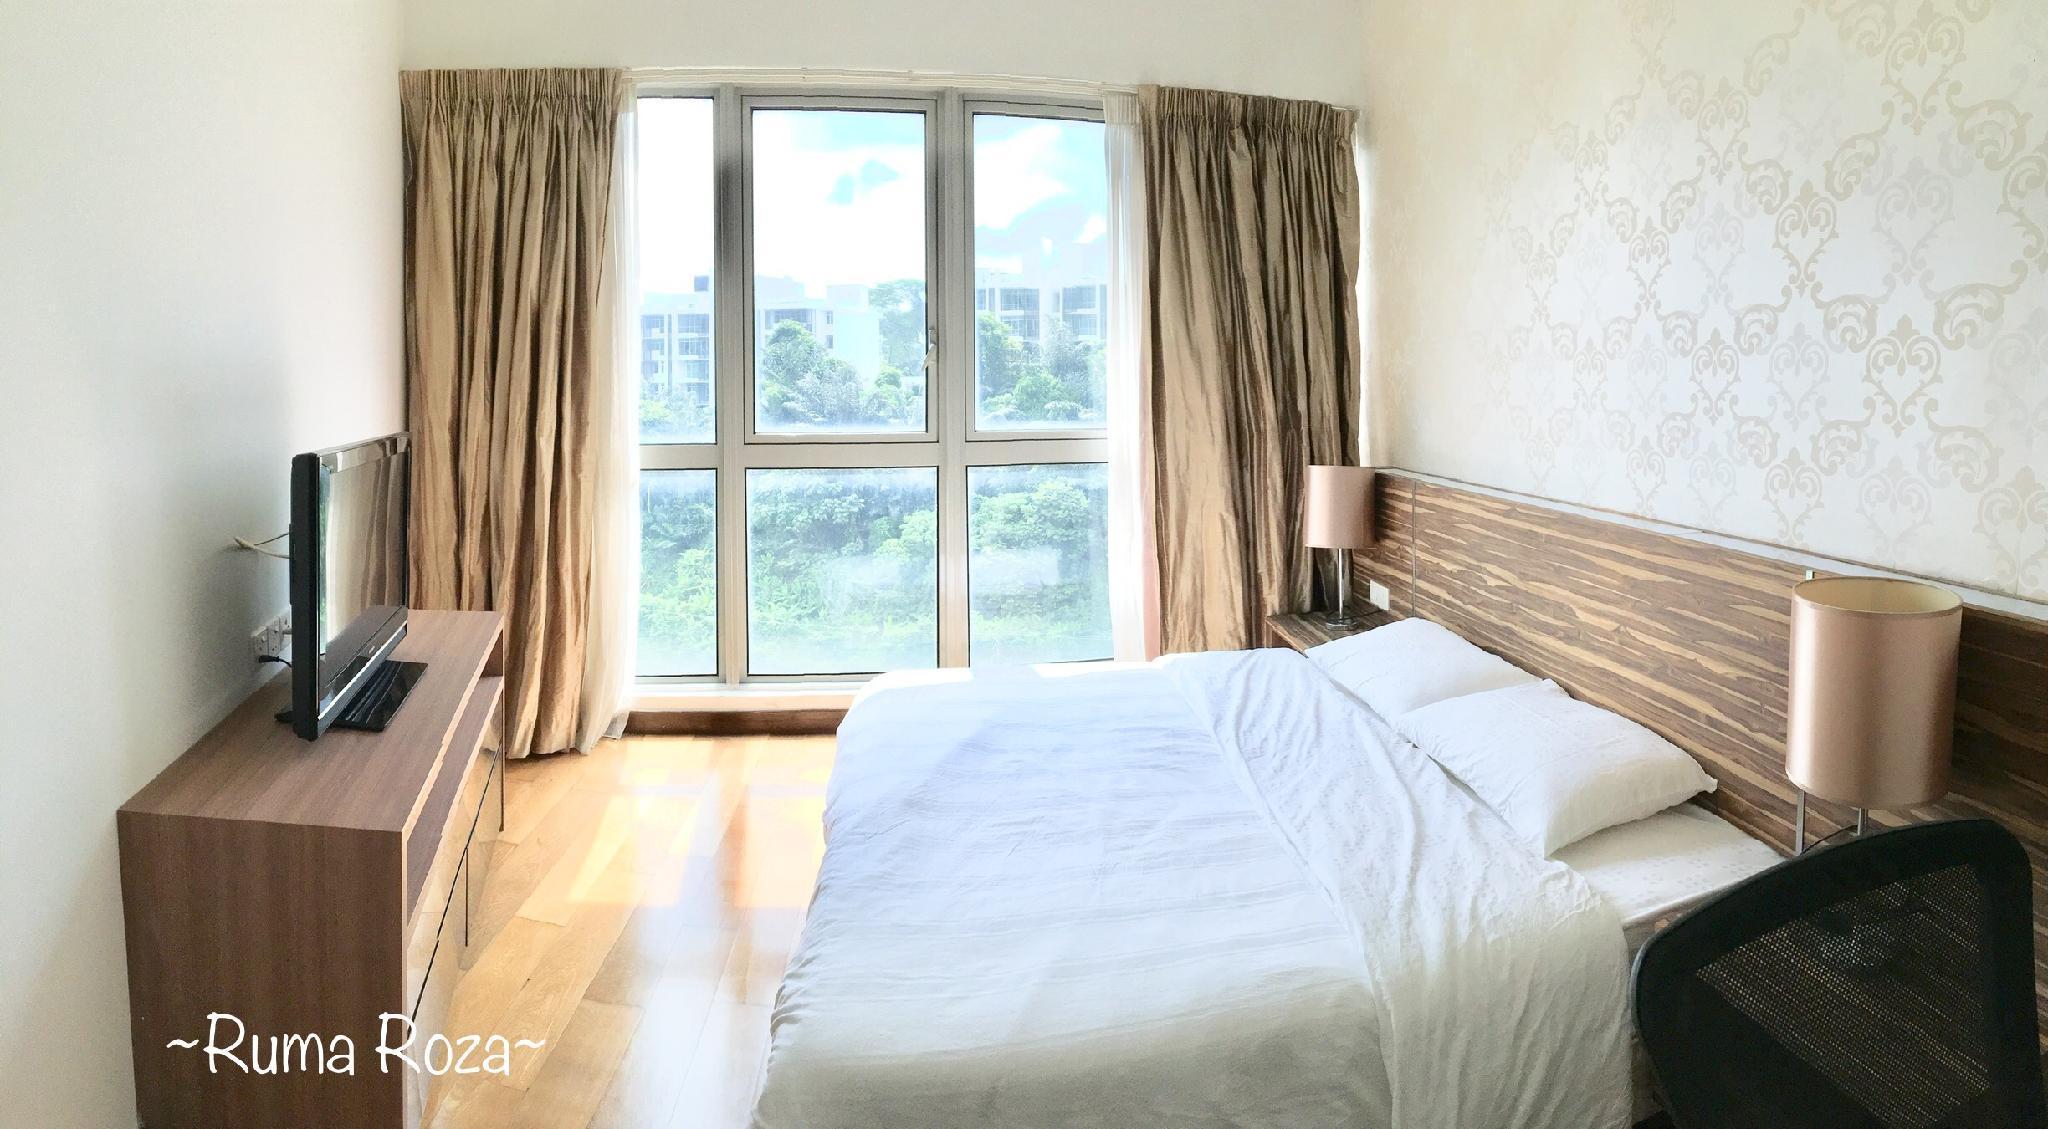 Ruma Roza Apartment Suite